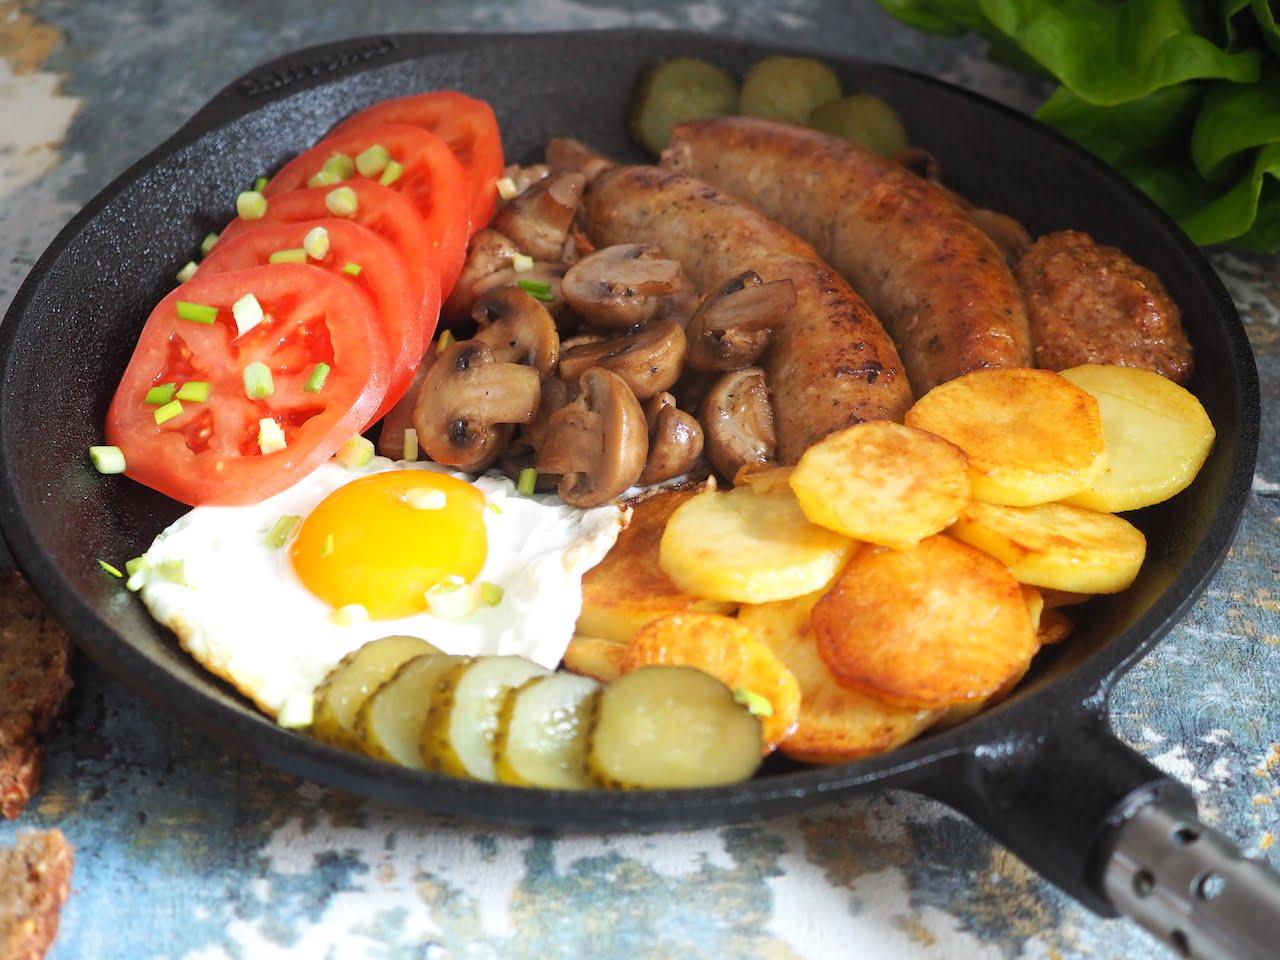 Polskie śniadanie z białą kiełbasą